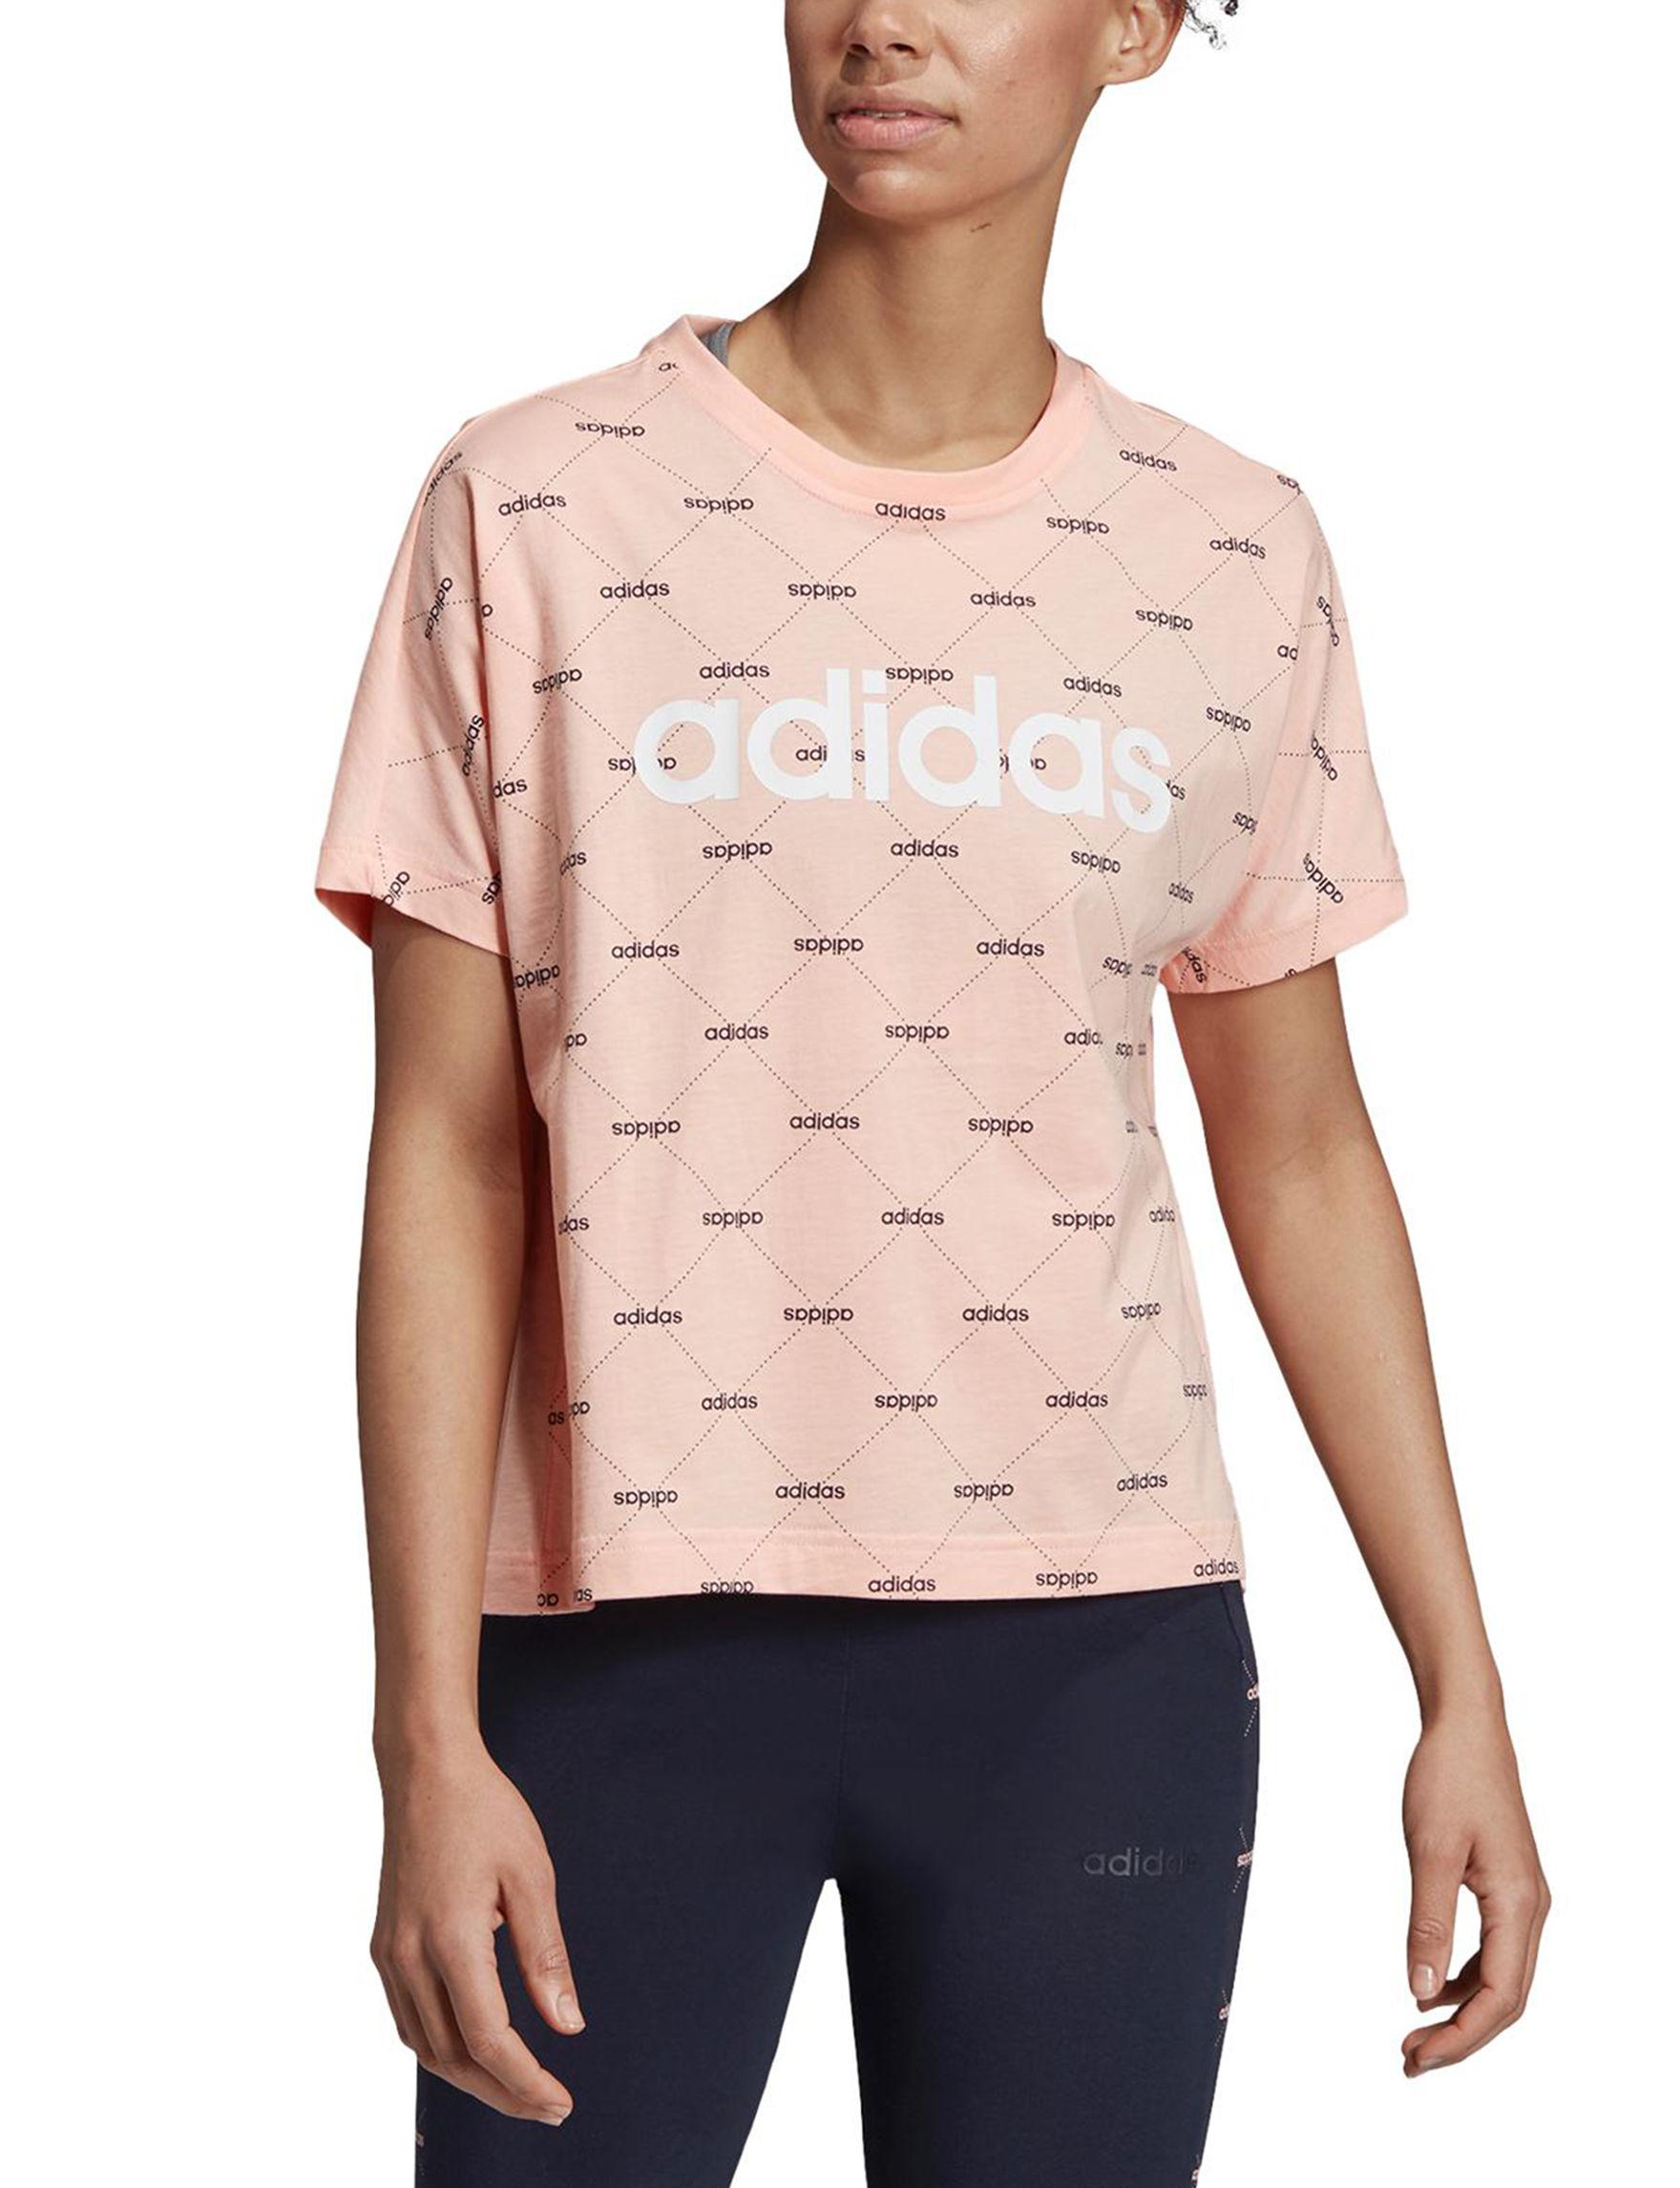 Adidas Glow Pink / Black Tees & Tanks